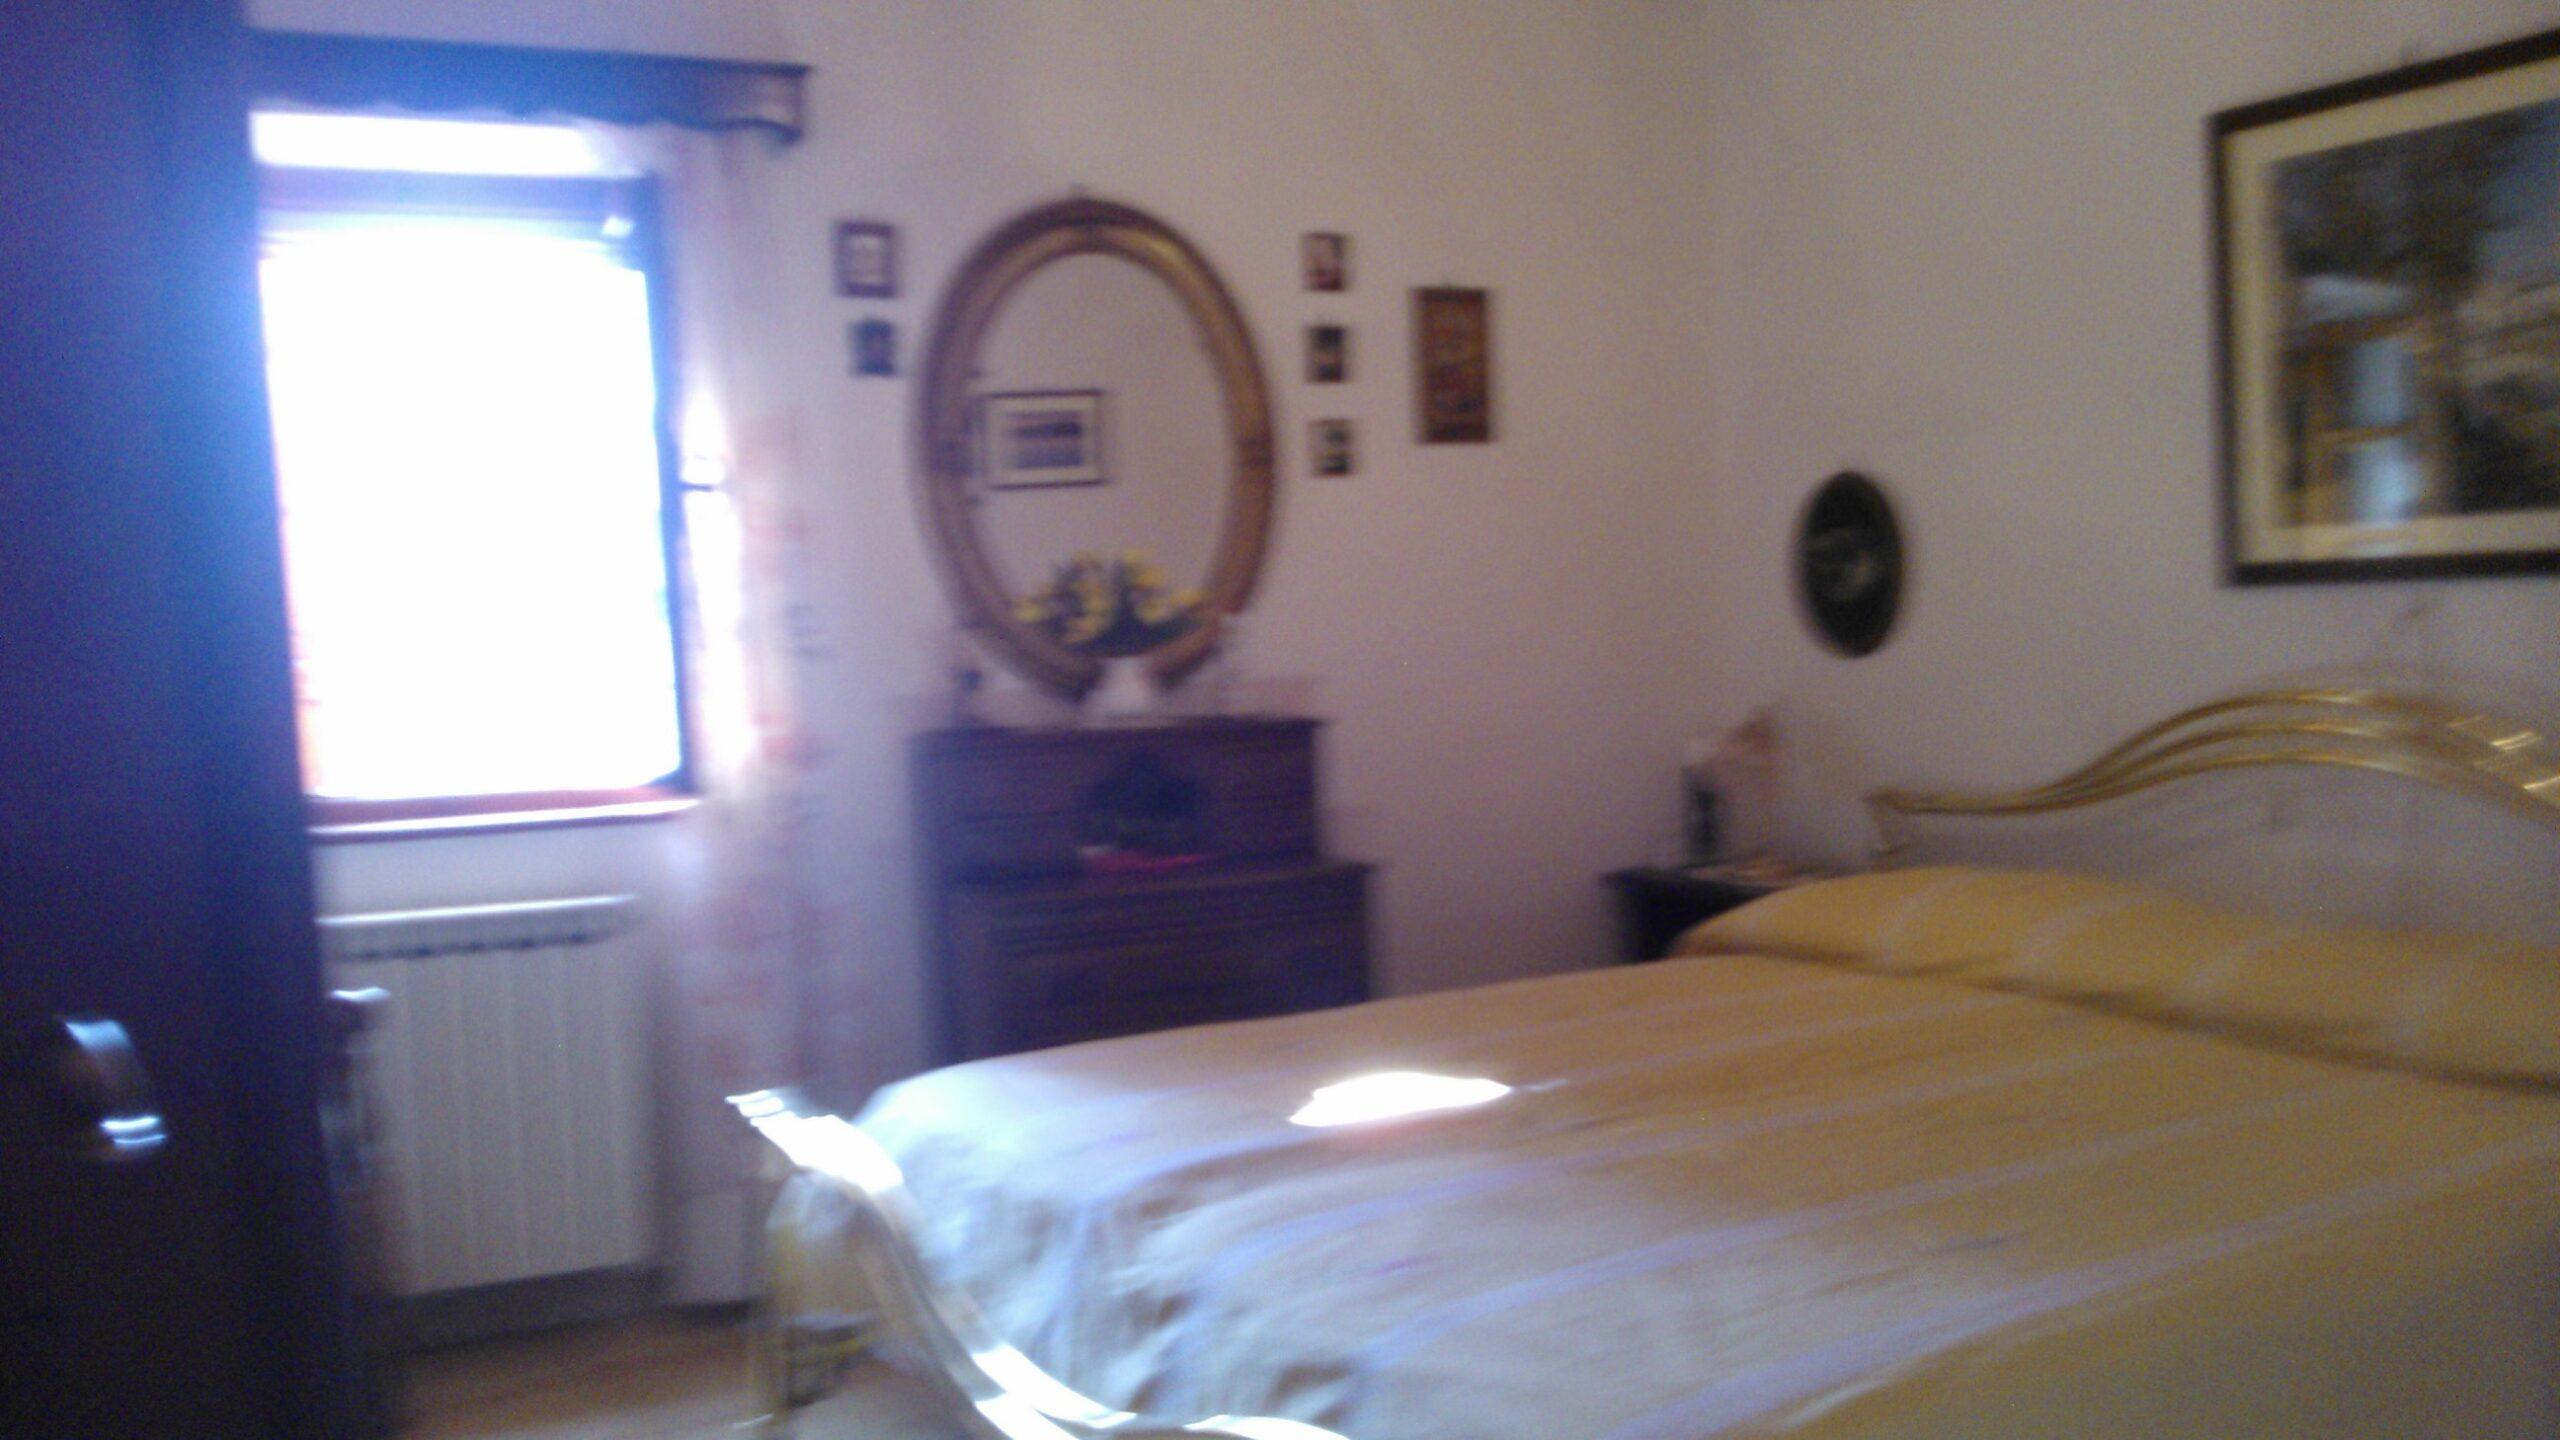 Casa dal sapore Toscano con uva , giardino e vista. Occasione. ref. 1829